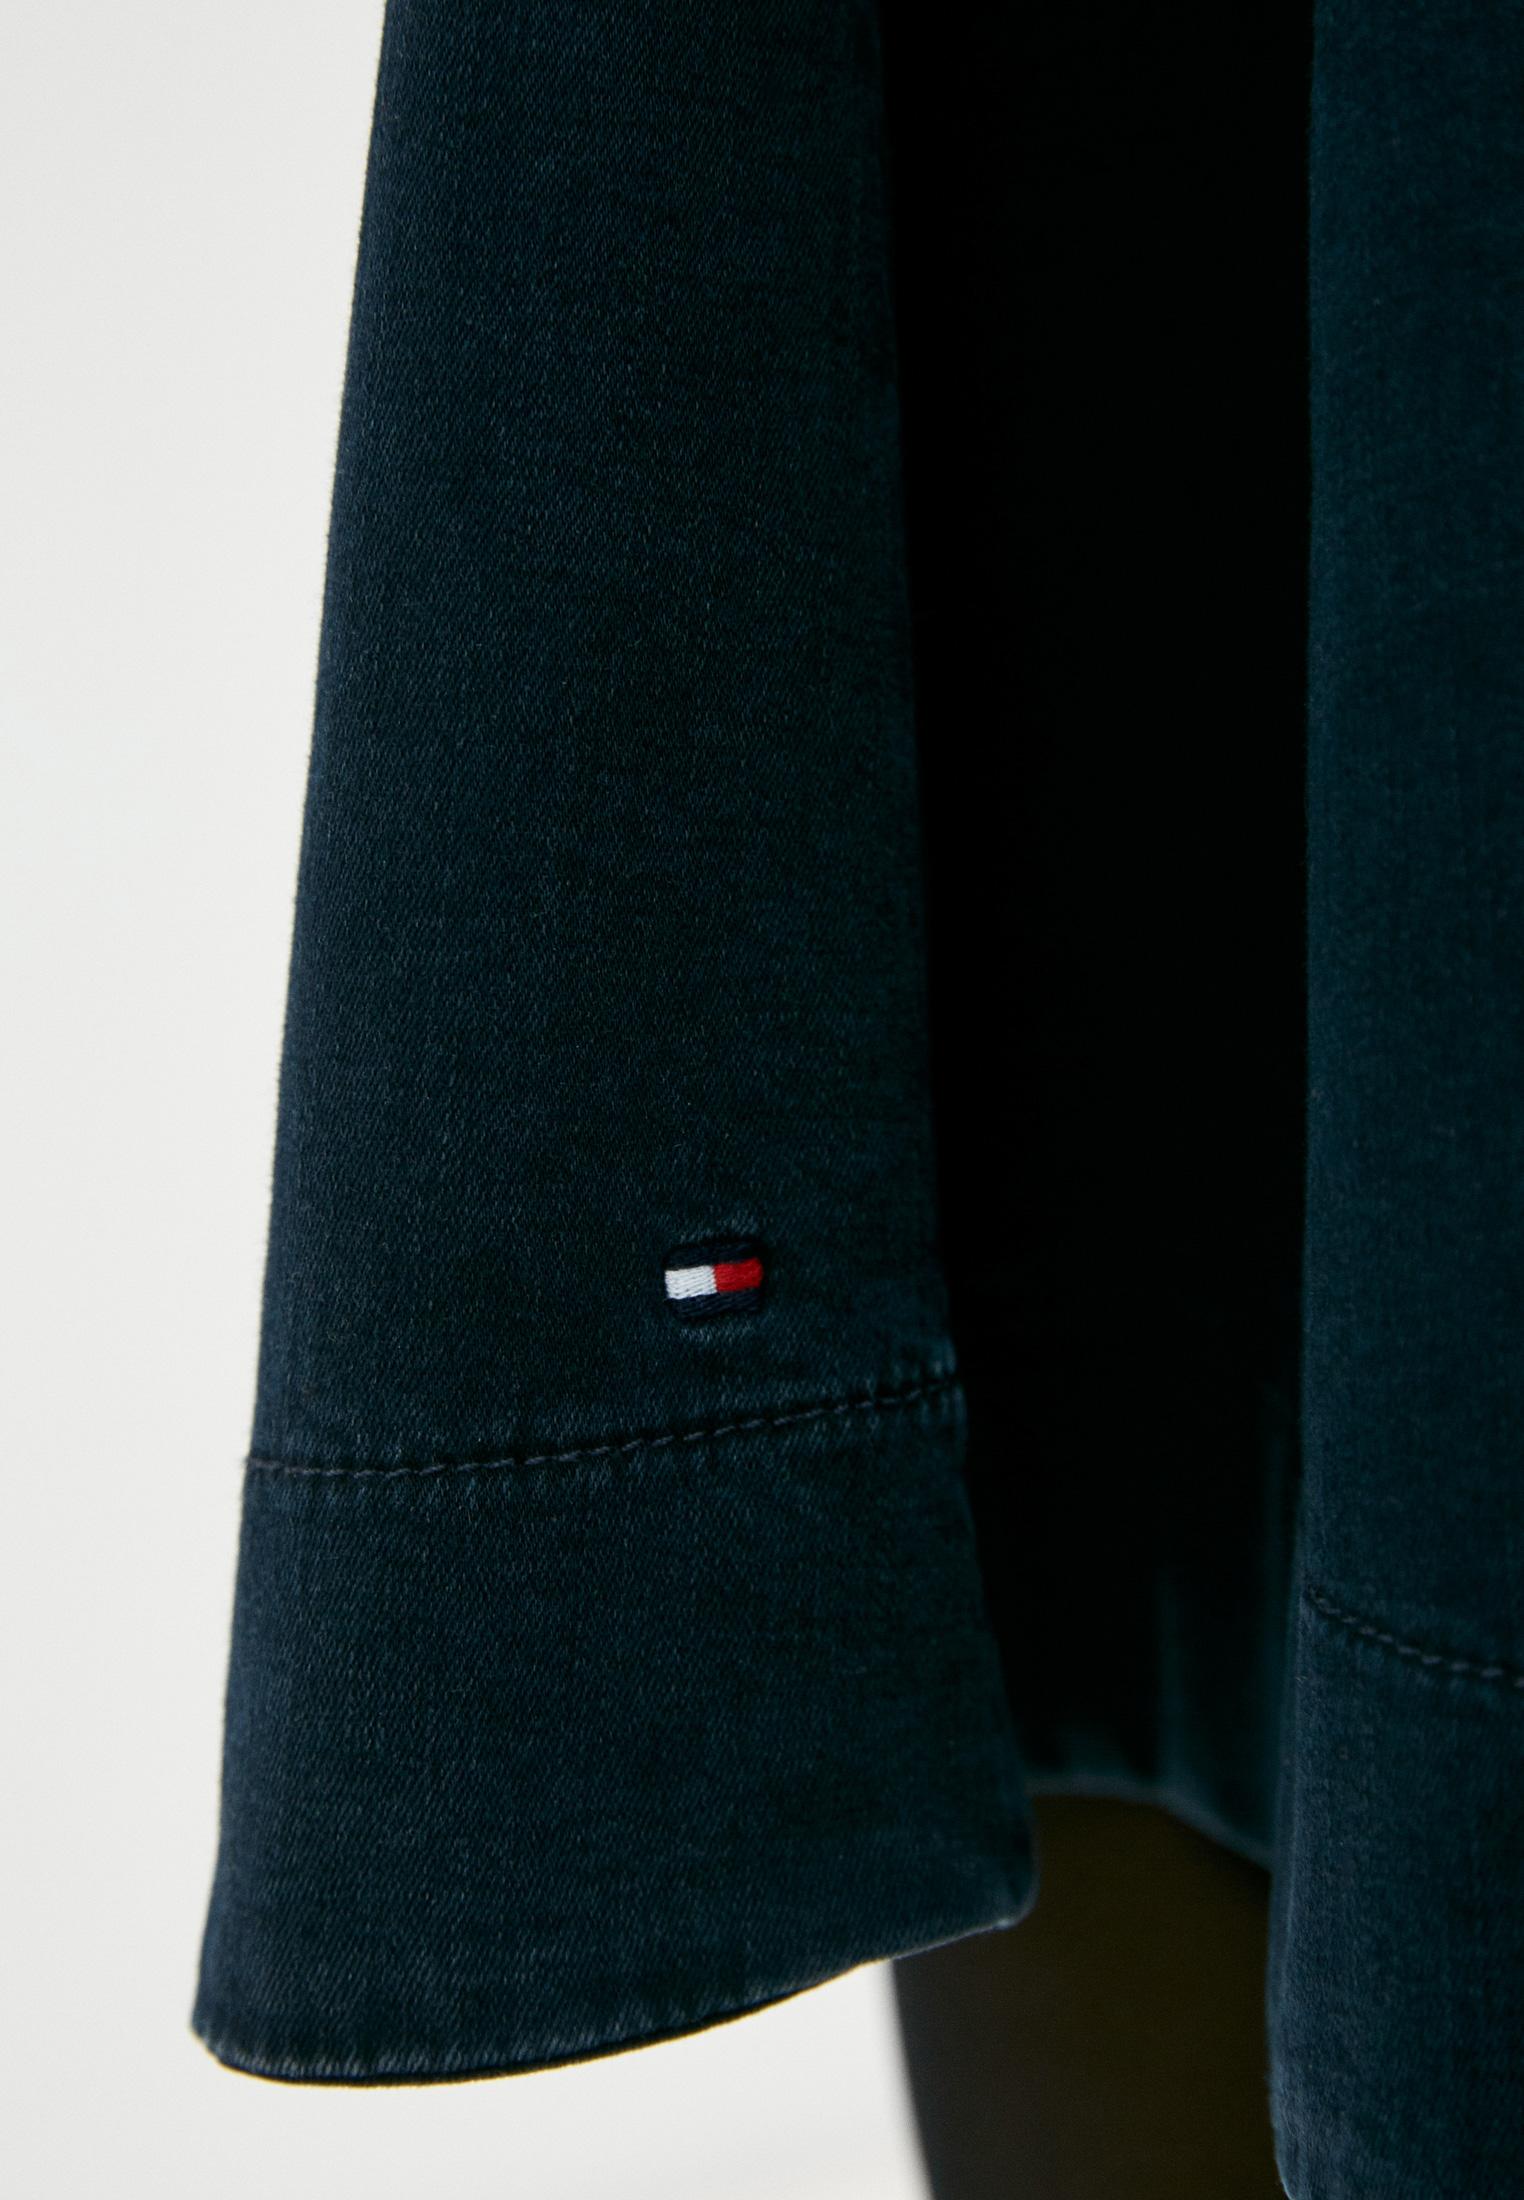 Джинсовая юбка Tommy Hilfiger (Томми Хилфигер) WW0WW29329: изображение 4